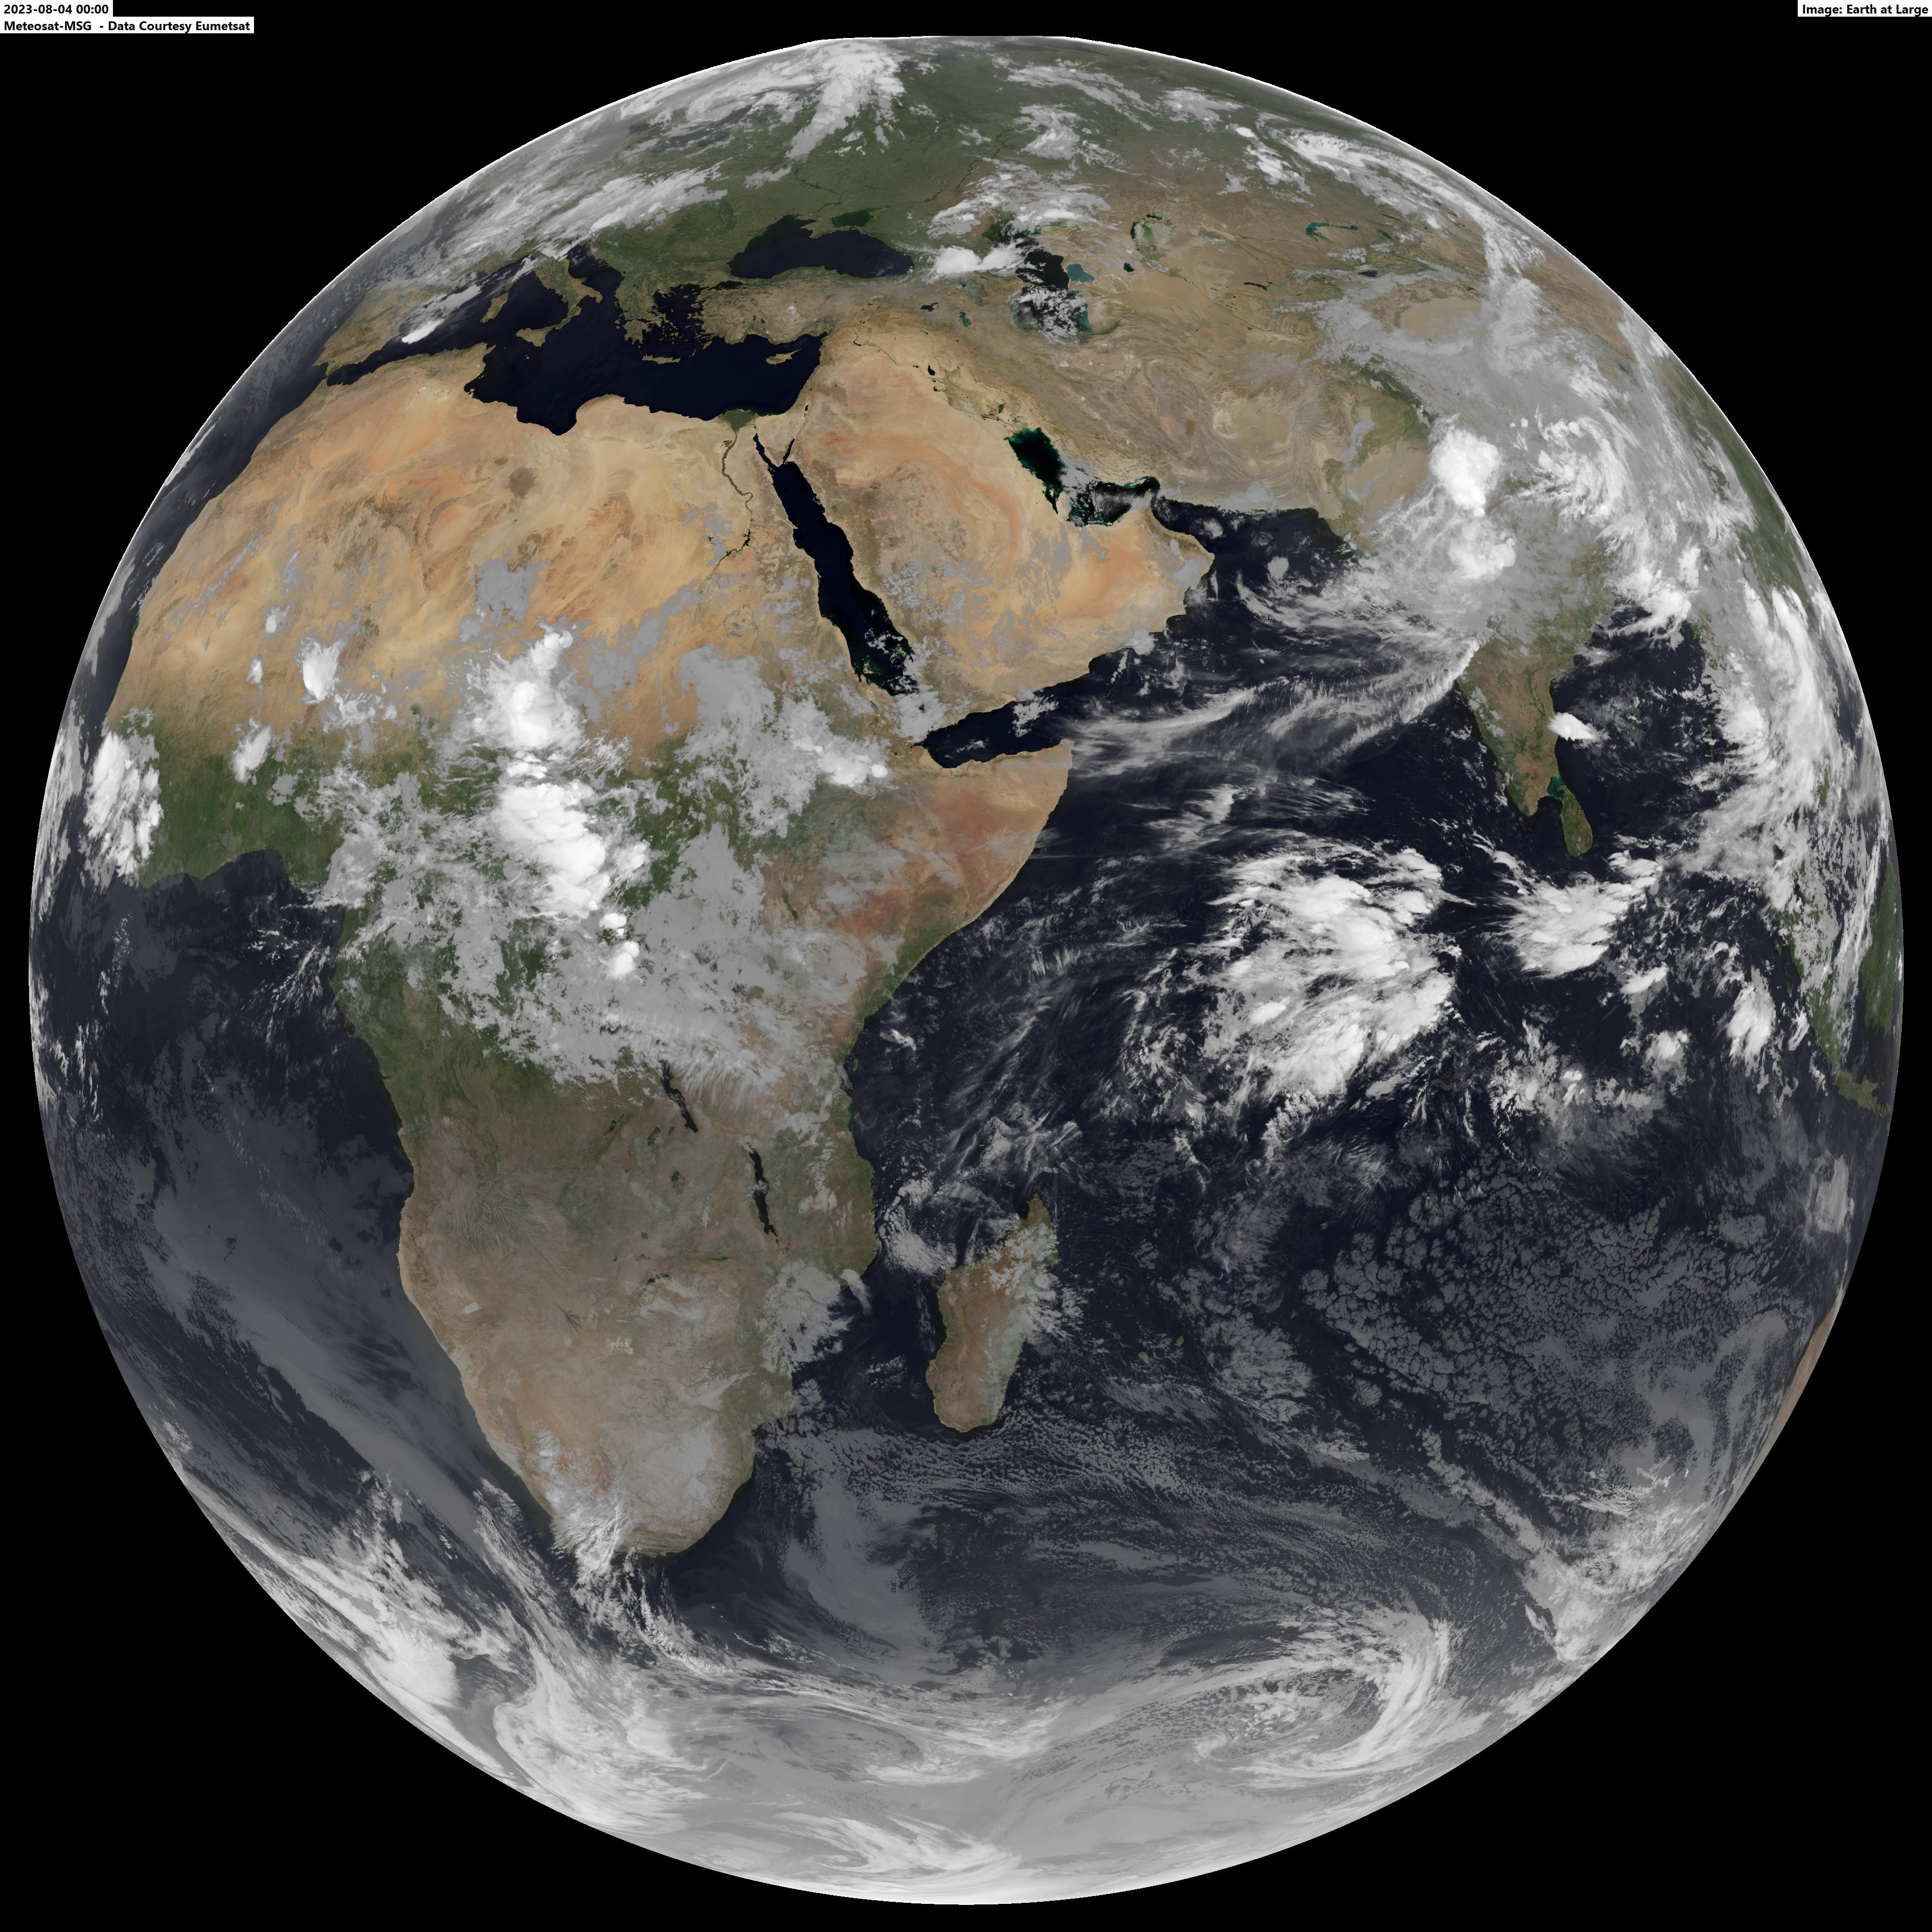 تصویر ماهواره ای کل کره زمین